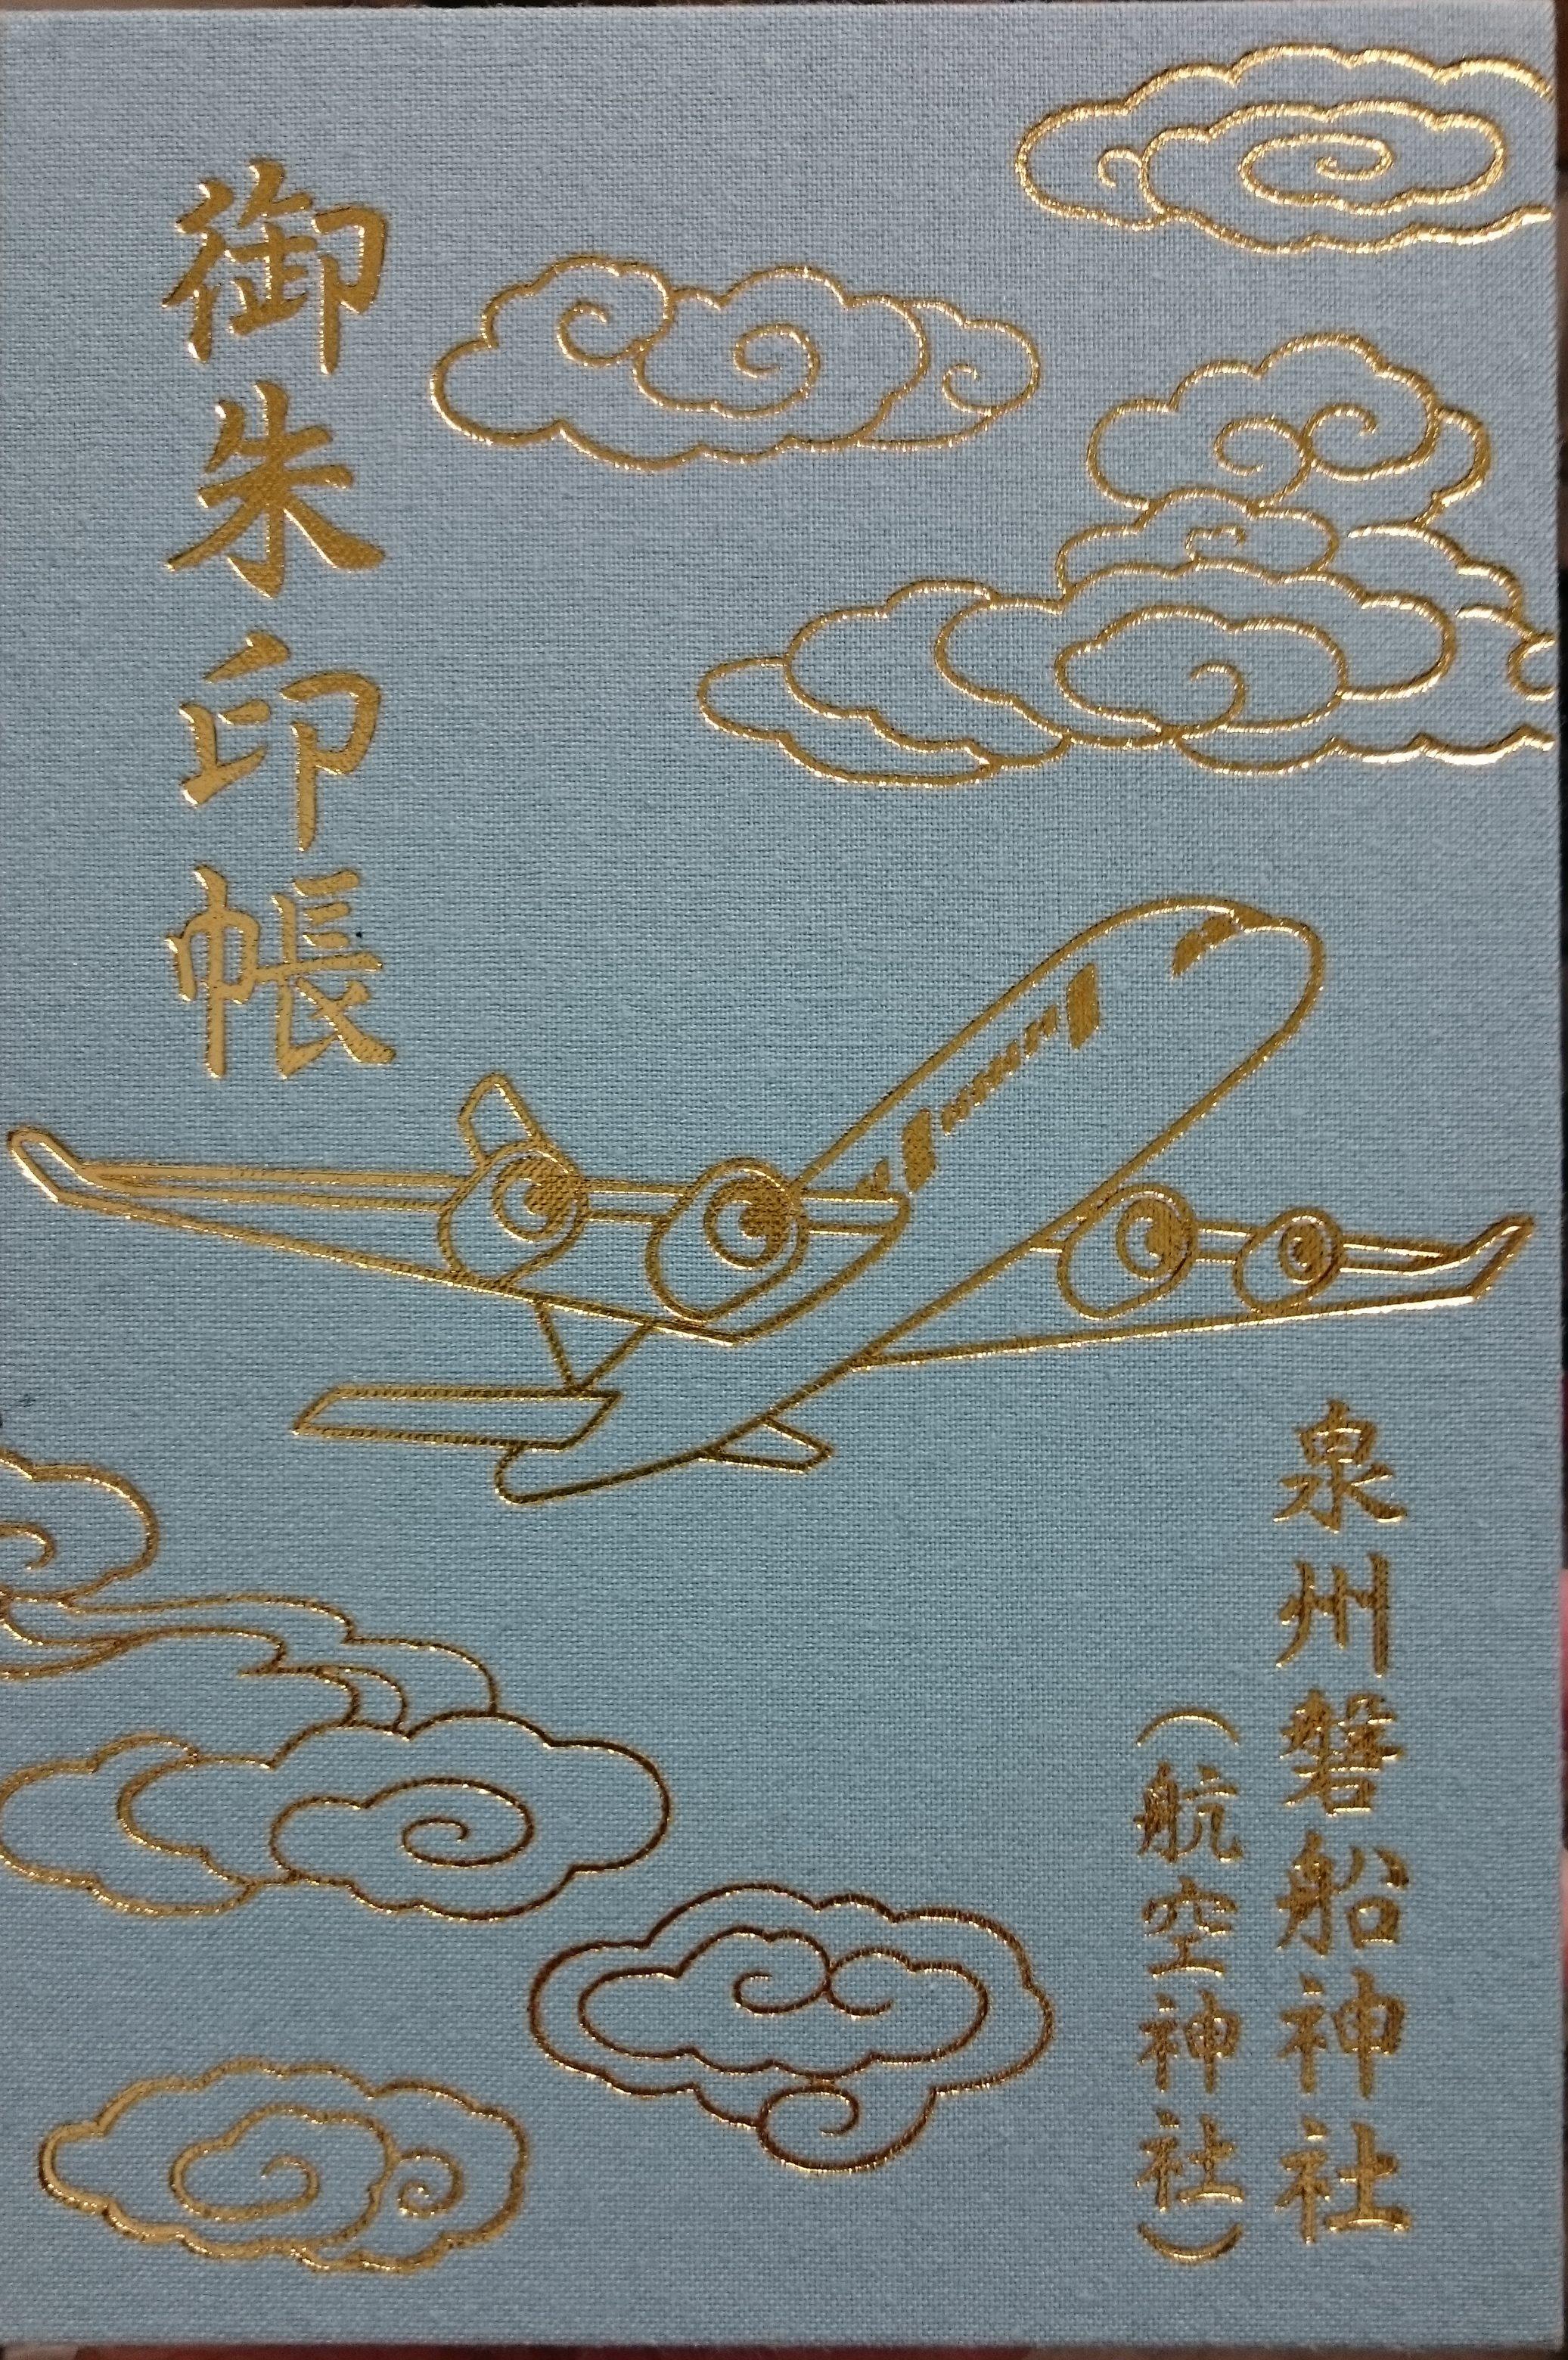 【大阪 航空神社】飛行機のかわいい押し印の御朱印 「落ちない」と受験生に人気の神社